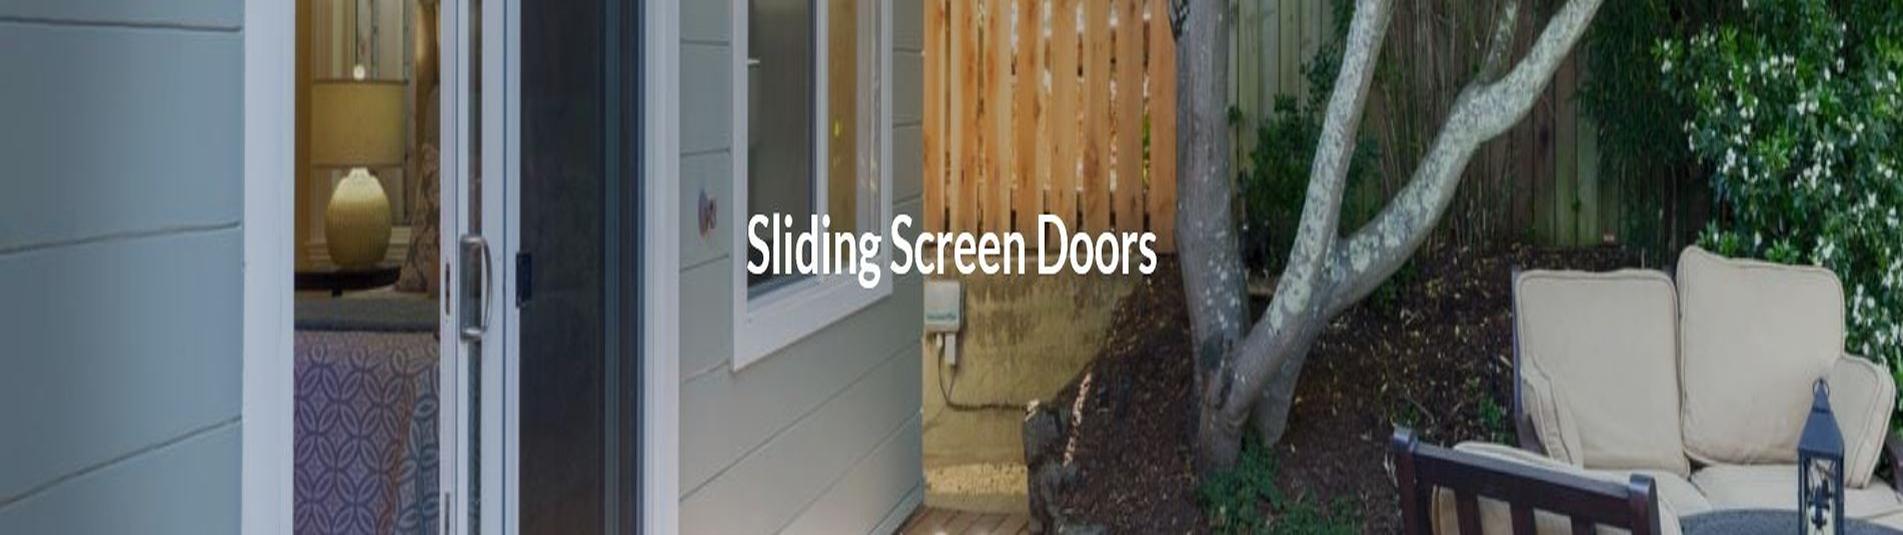 Sliding Screen Doors